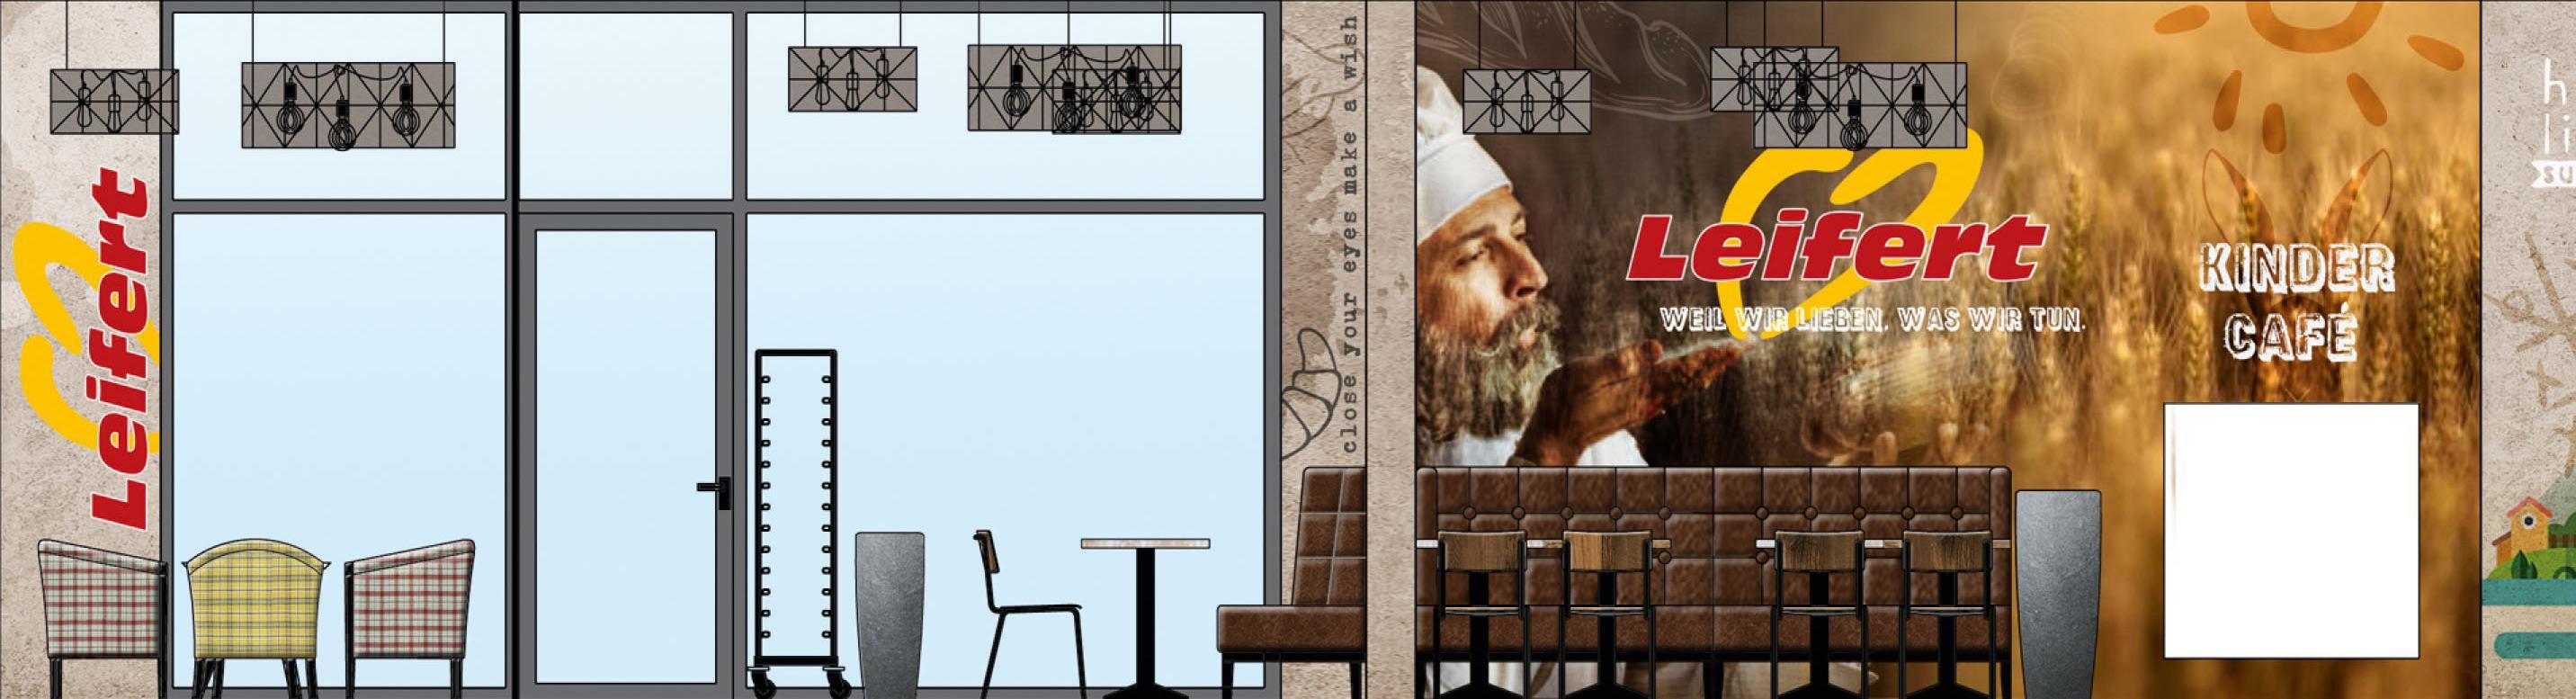 Jede Wand ein Kunstwerk – das wird die Kunden in der neuen Leifert-Filiale in der Limbergstraße erwarten.